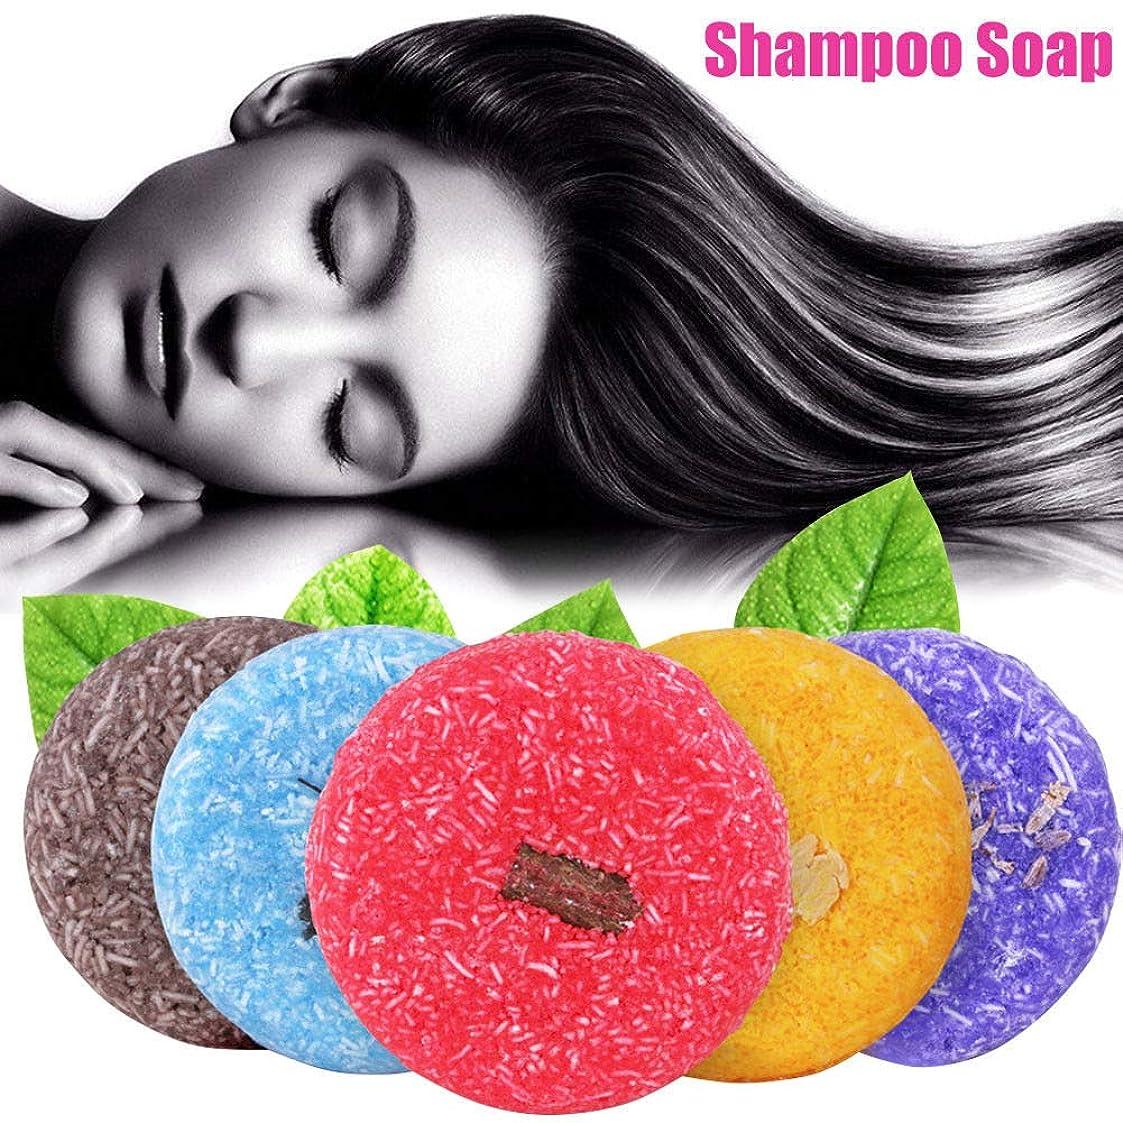 ランチ憲法マーチャンダイジング石鹸 - Delaman 洗髪石鹸、シャンプー、頭皮ケア、ビューティ、クリームバー、センシティブマイルド、14種類、男女兼用 (Color : #3ラベンダー(LAVENDER))